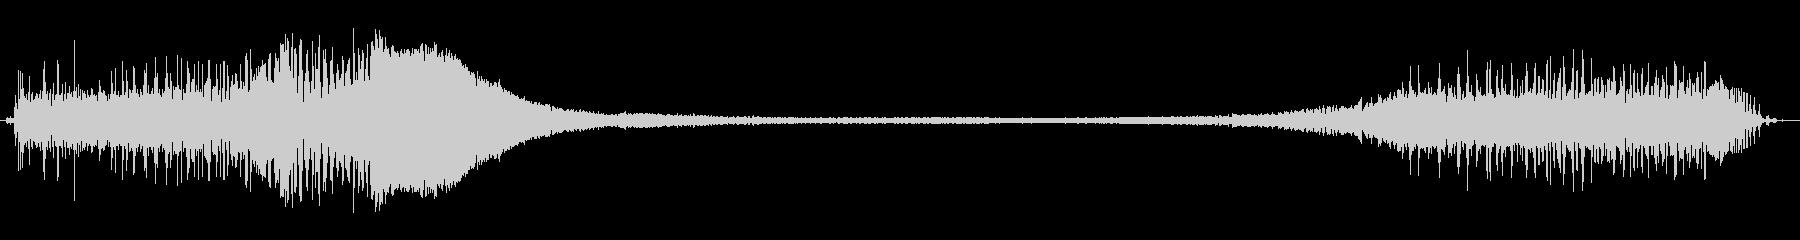 800 Ccスノーモービルレーサー...の未再生の波形